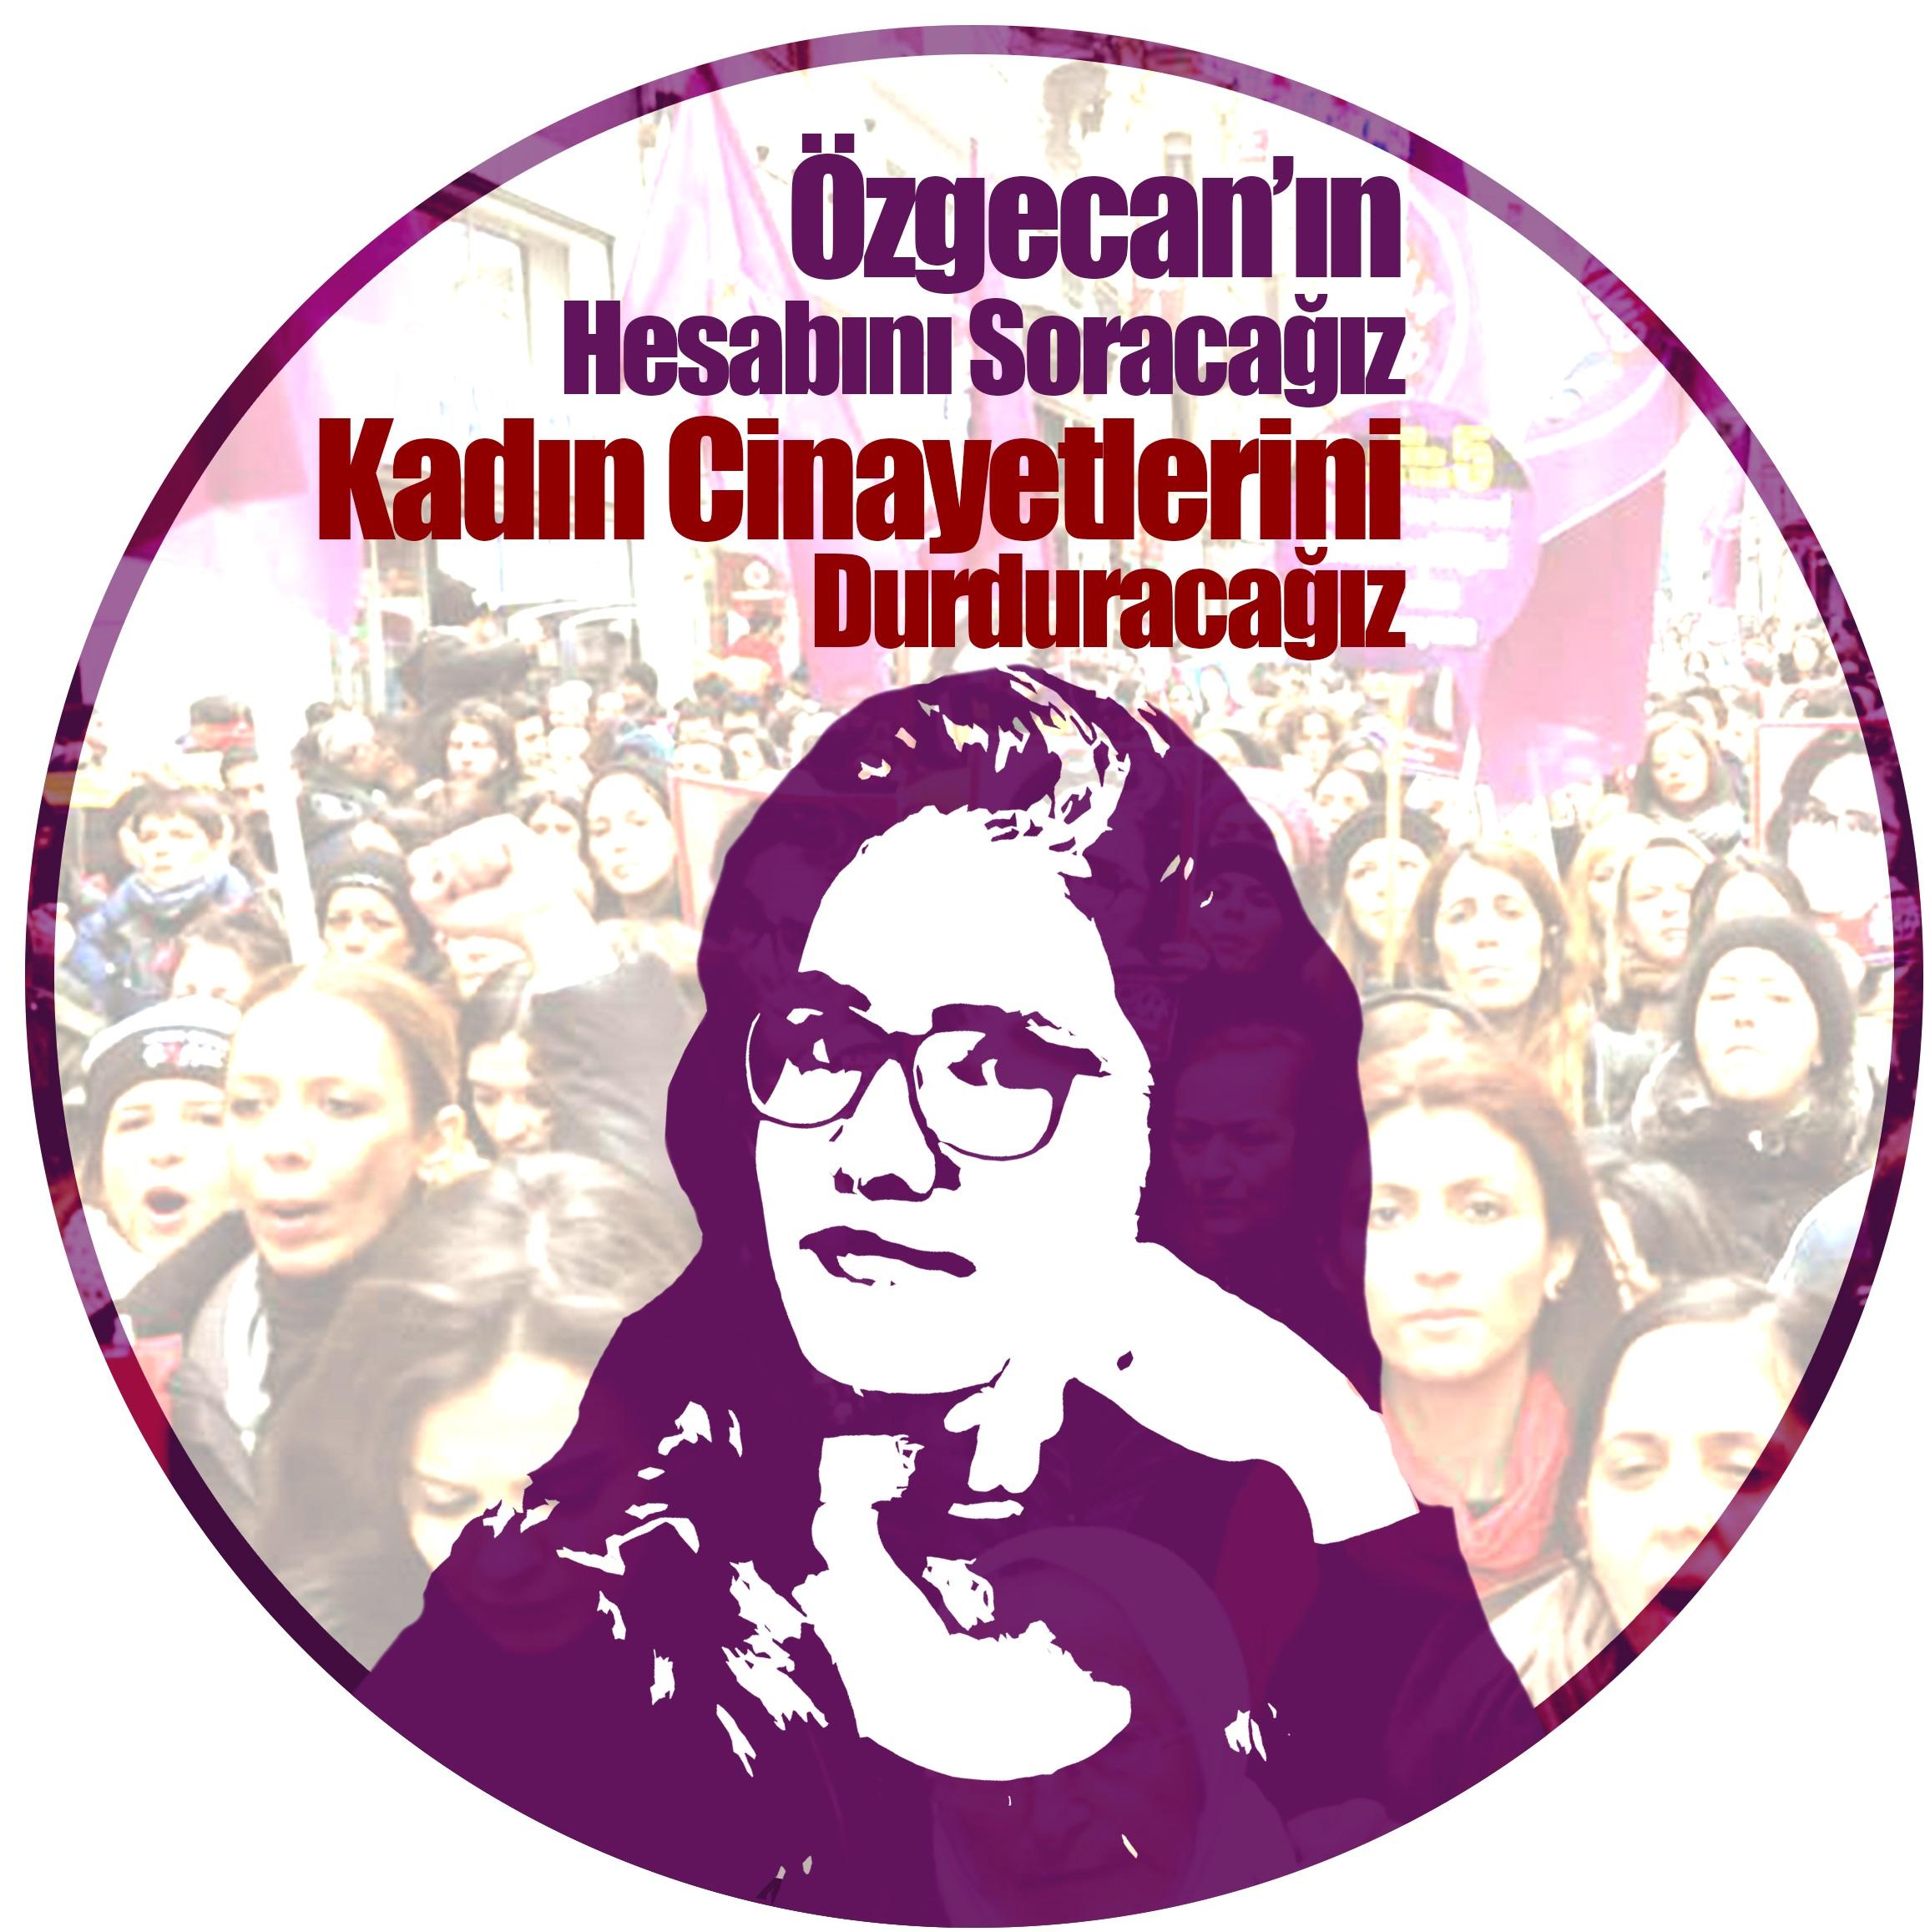 #ÖzgecanAslan ın hesabını soracağız, kadın cinayetlerini durduracağız!